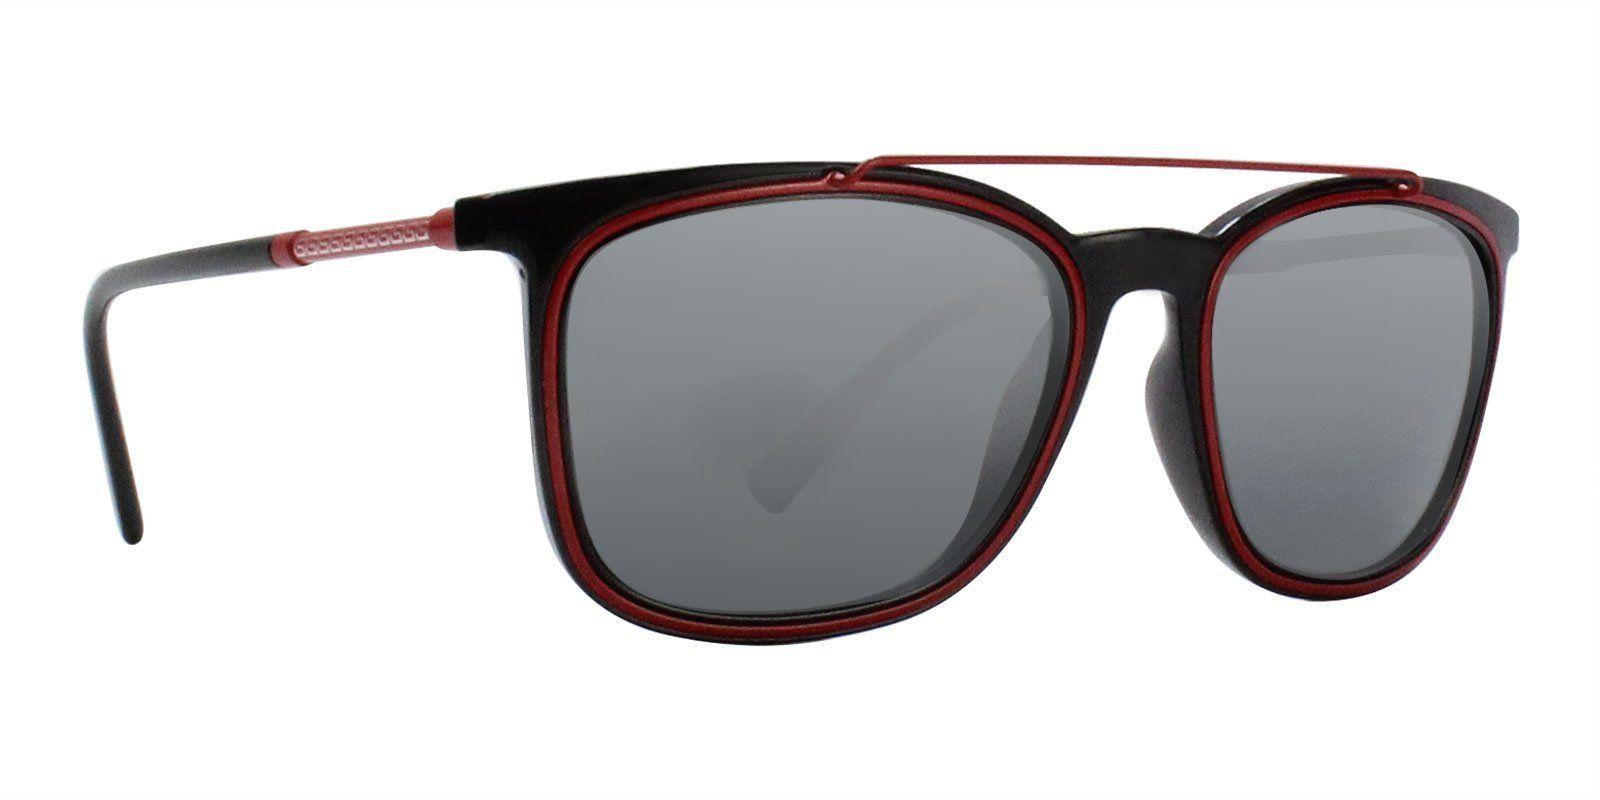 d40685dded9e9 Versace - VE4335 Black Red - Gray-sunglasses-Designer Eyes